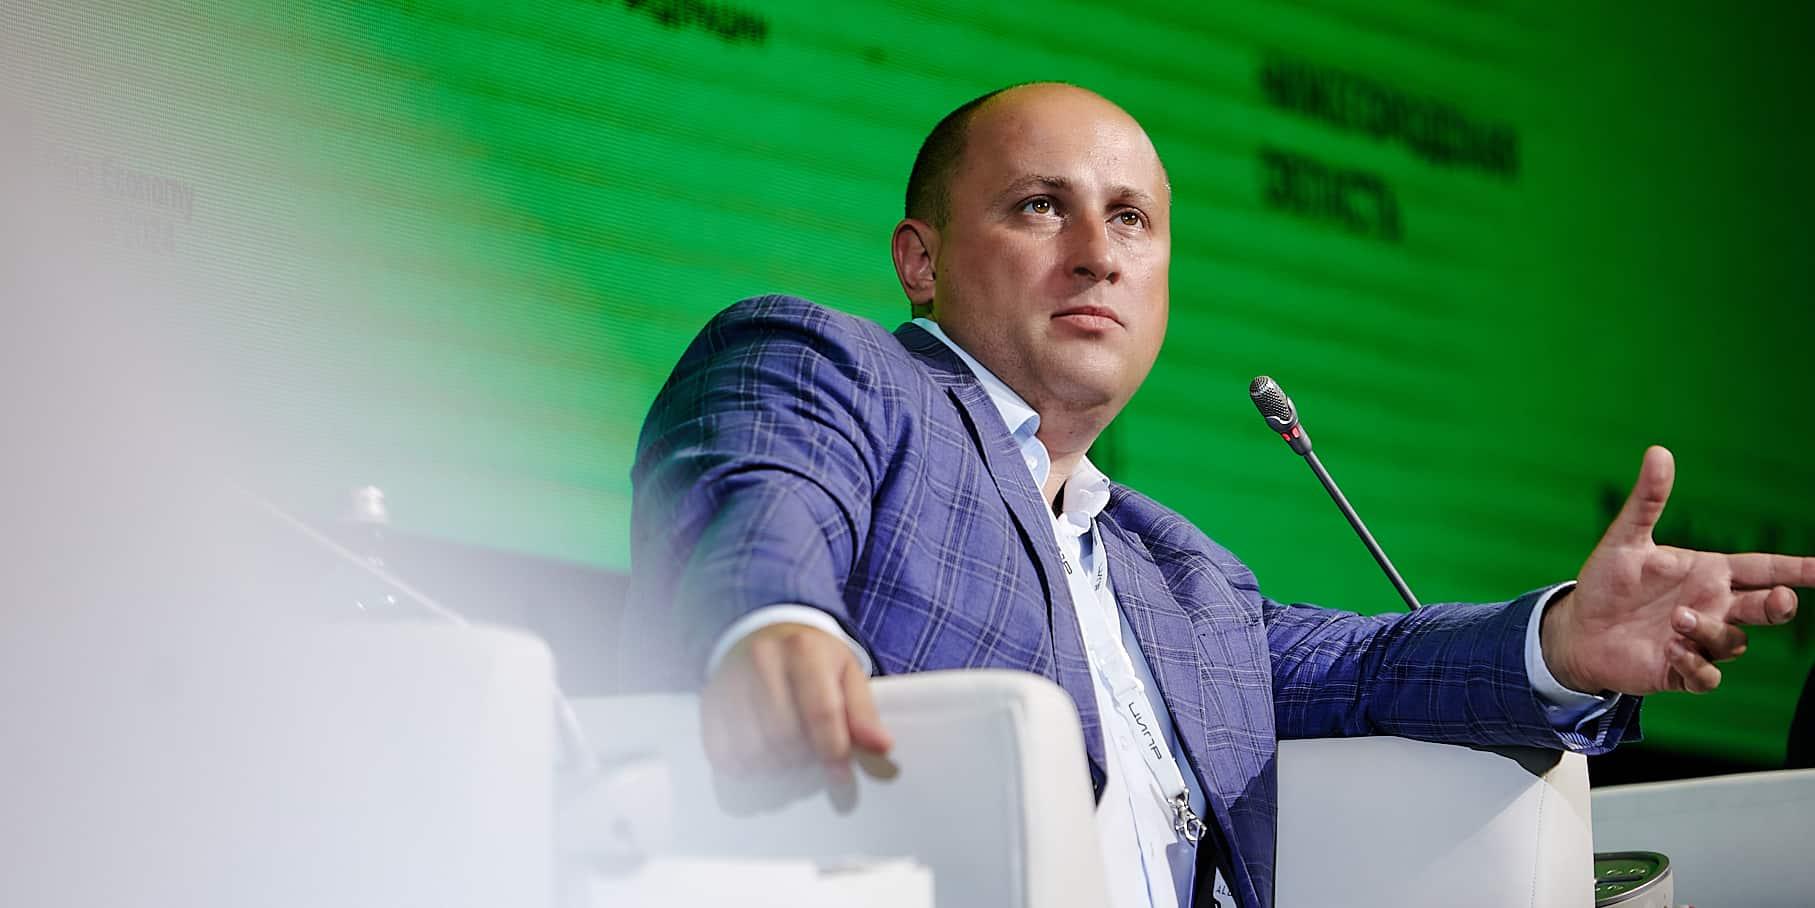 Дмитрий Лаконцев рассказывает про роль стандартов OpenRAN в экосистеме отечественного телекоммуникационного оборудования 5G